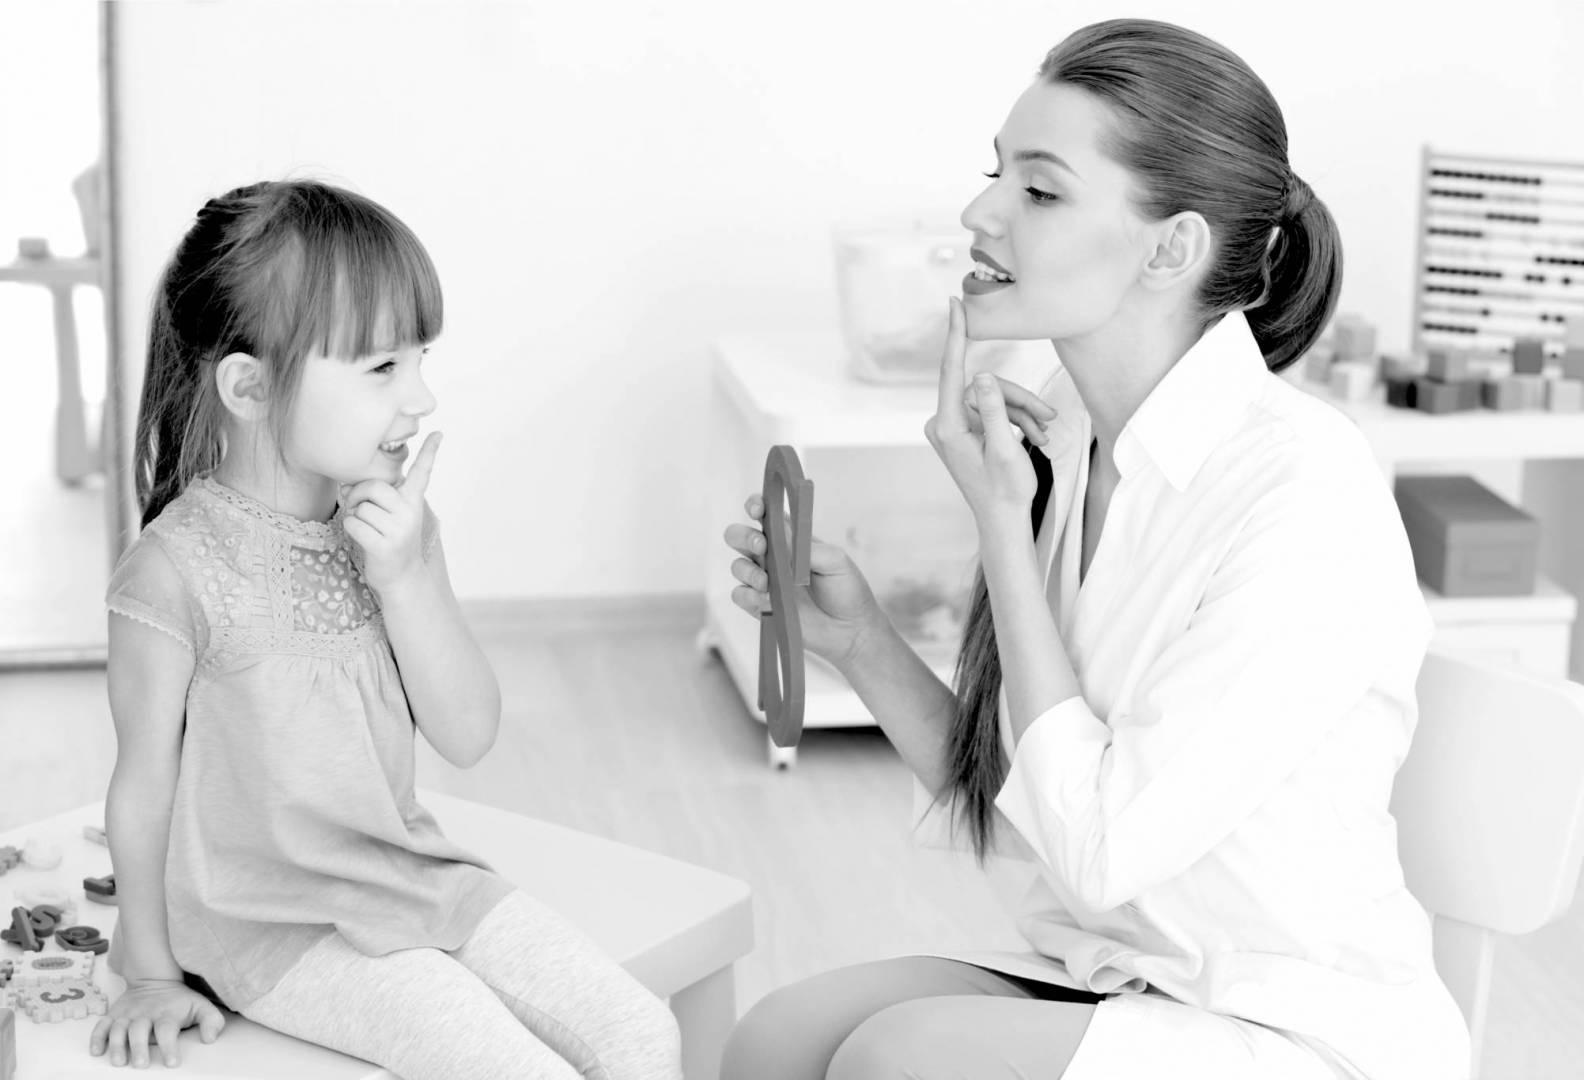 تعرفي على أسباب وعلاج تأخر الكلام عند طفلك؟